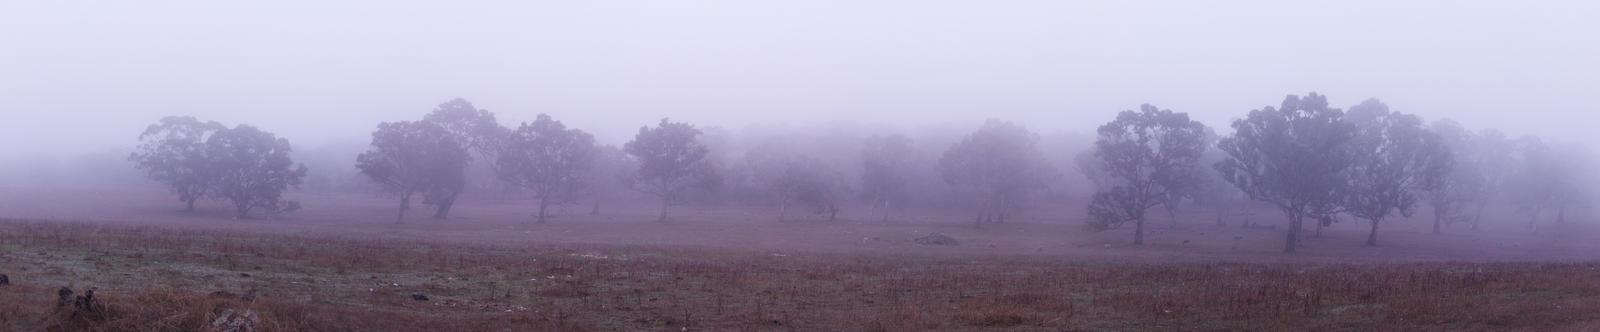 Mt Torrens Fog by darksidelemm